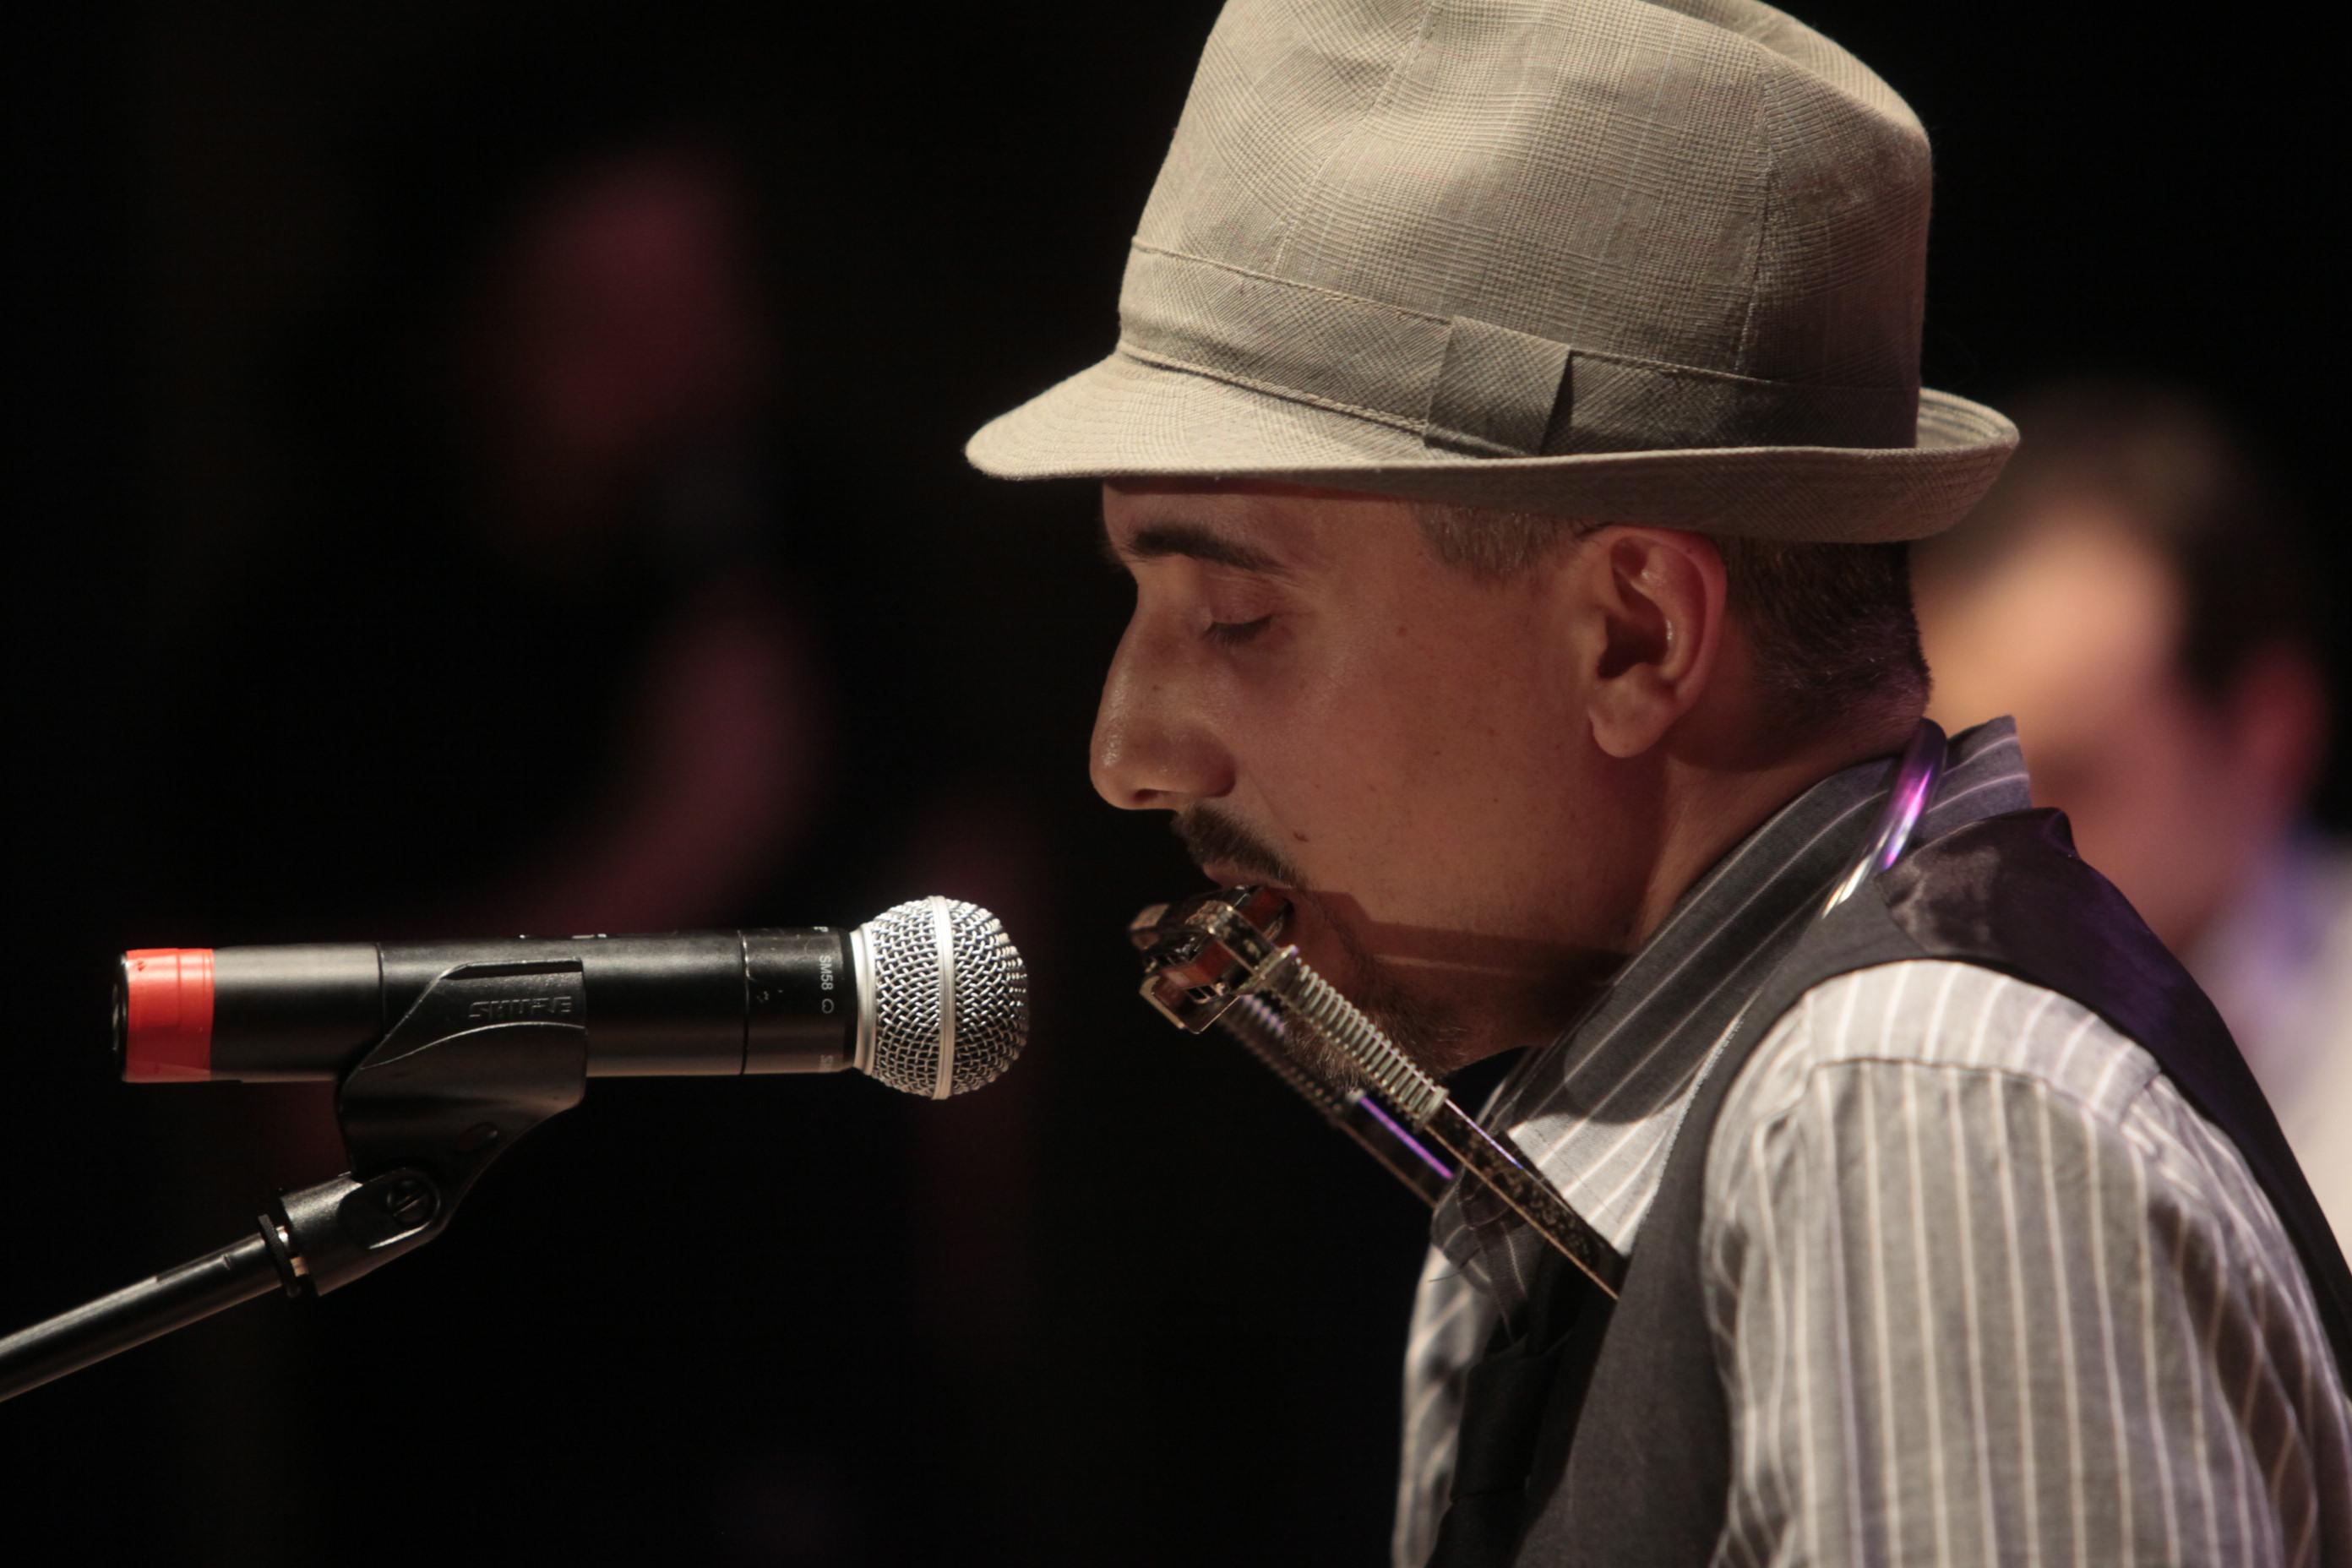 Dario Coriale